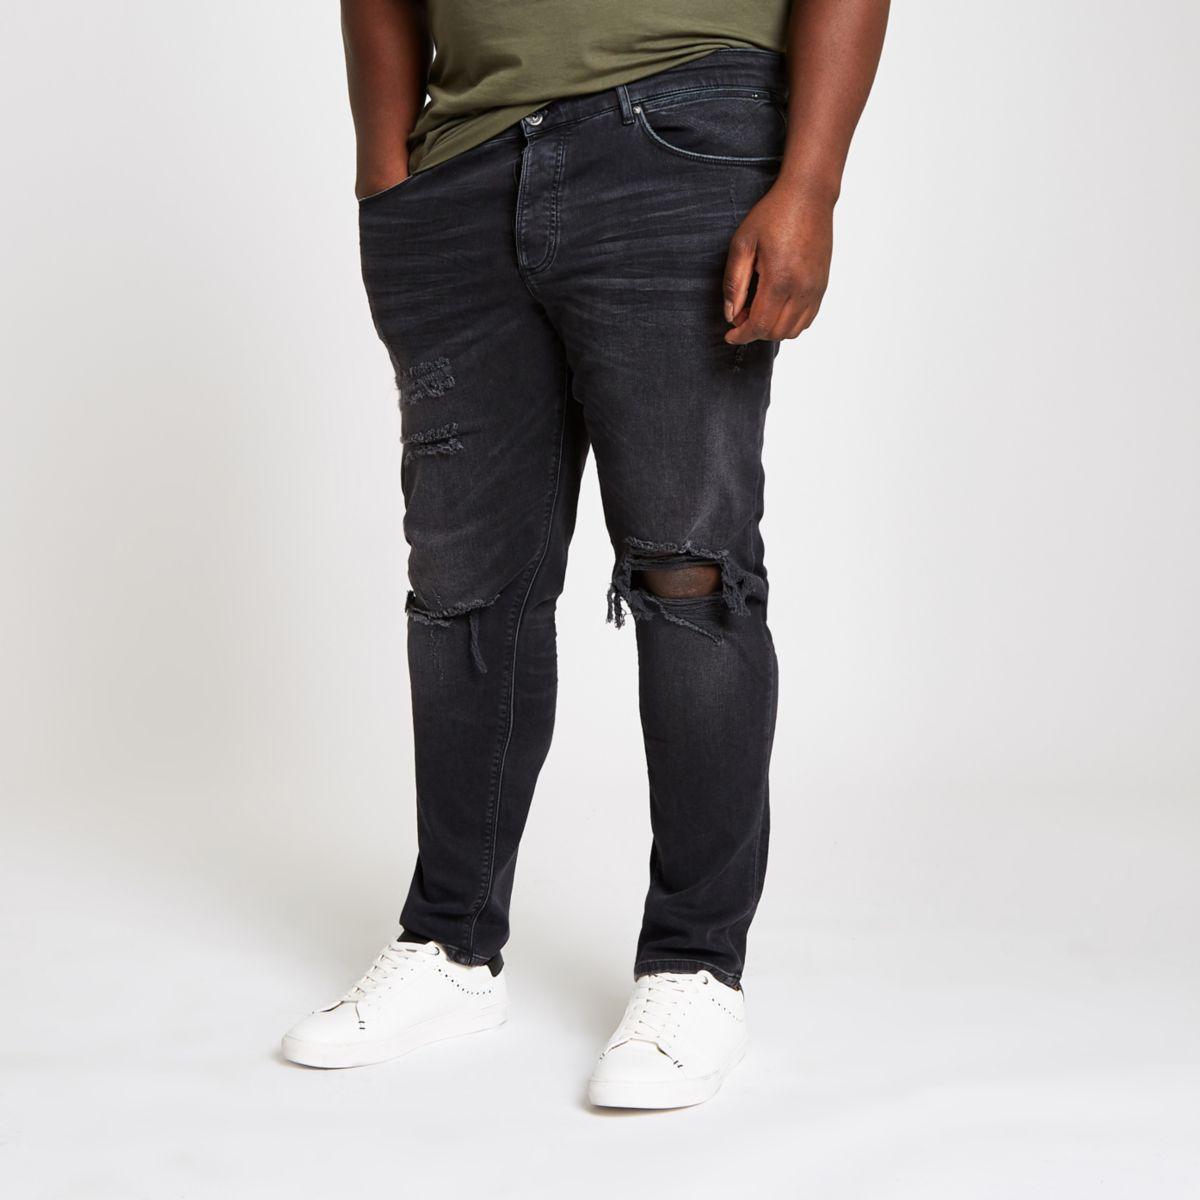 Big & Tall black ripped skinny jeans